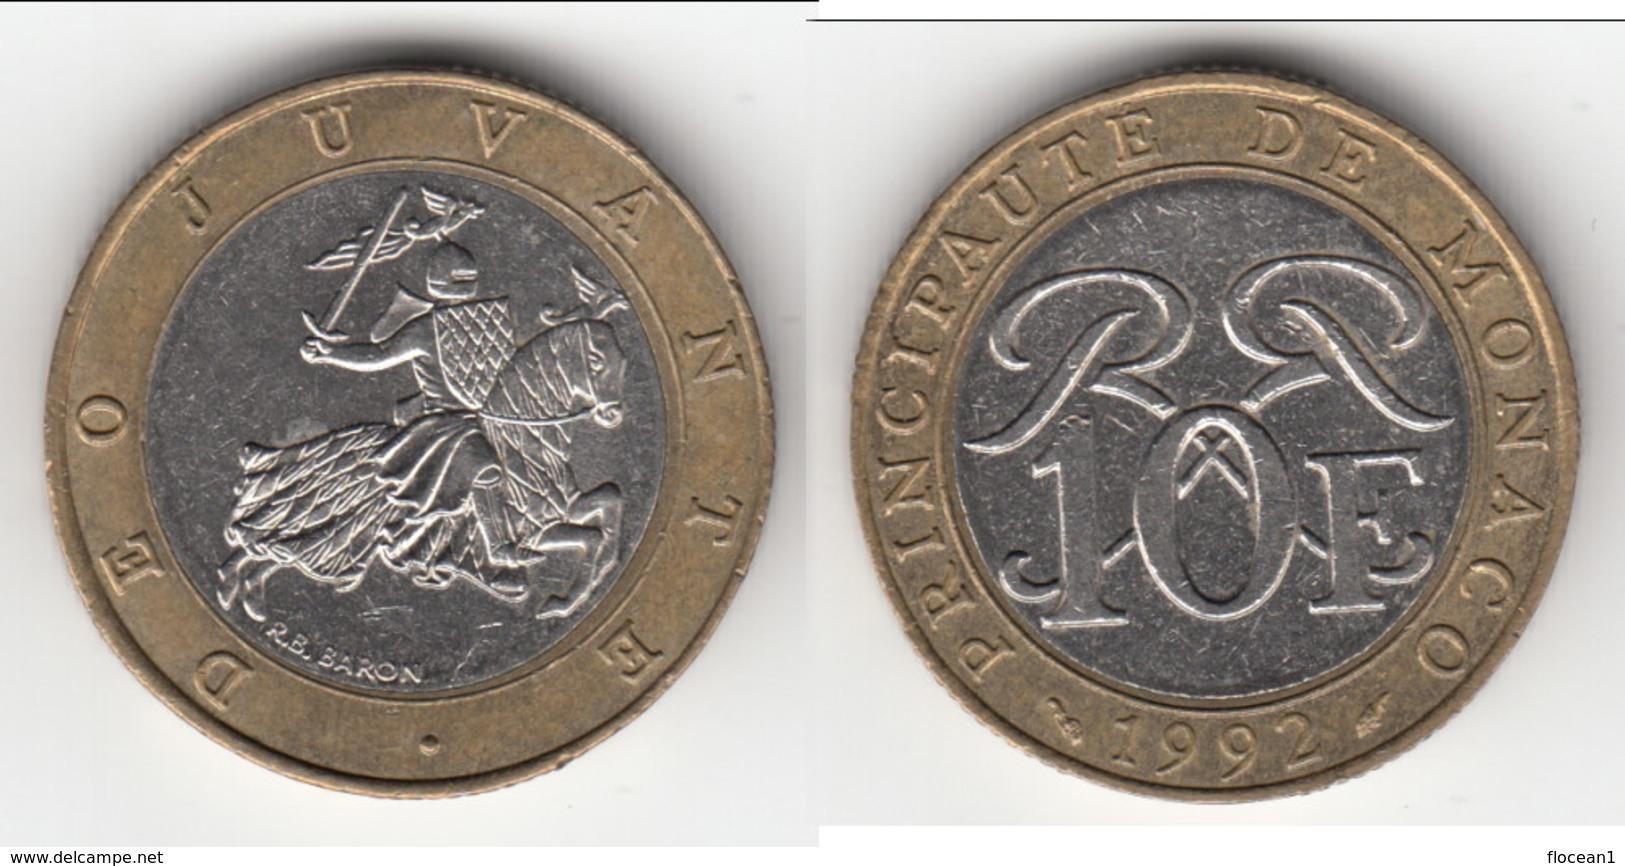 **** MONACO - 10 FRANCS 1992 - SCEAU DES GRIMALDI - RAINIER III  **** EN ACHAT IMMEDIAT !!! - 1960-2001 Nouveaux Francs